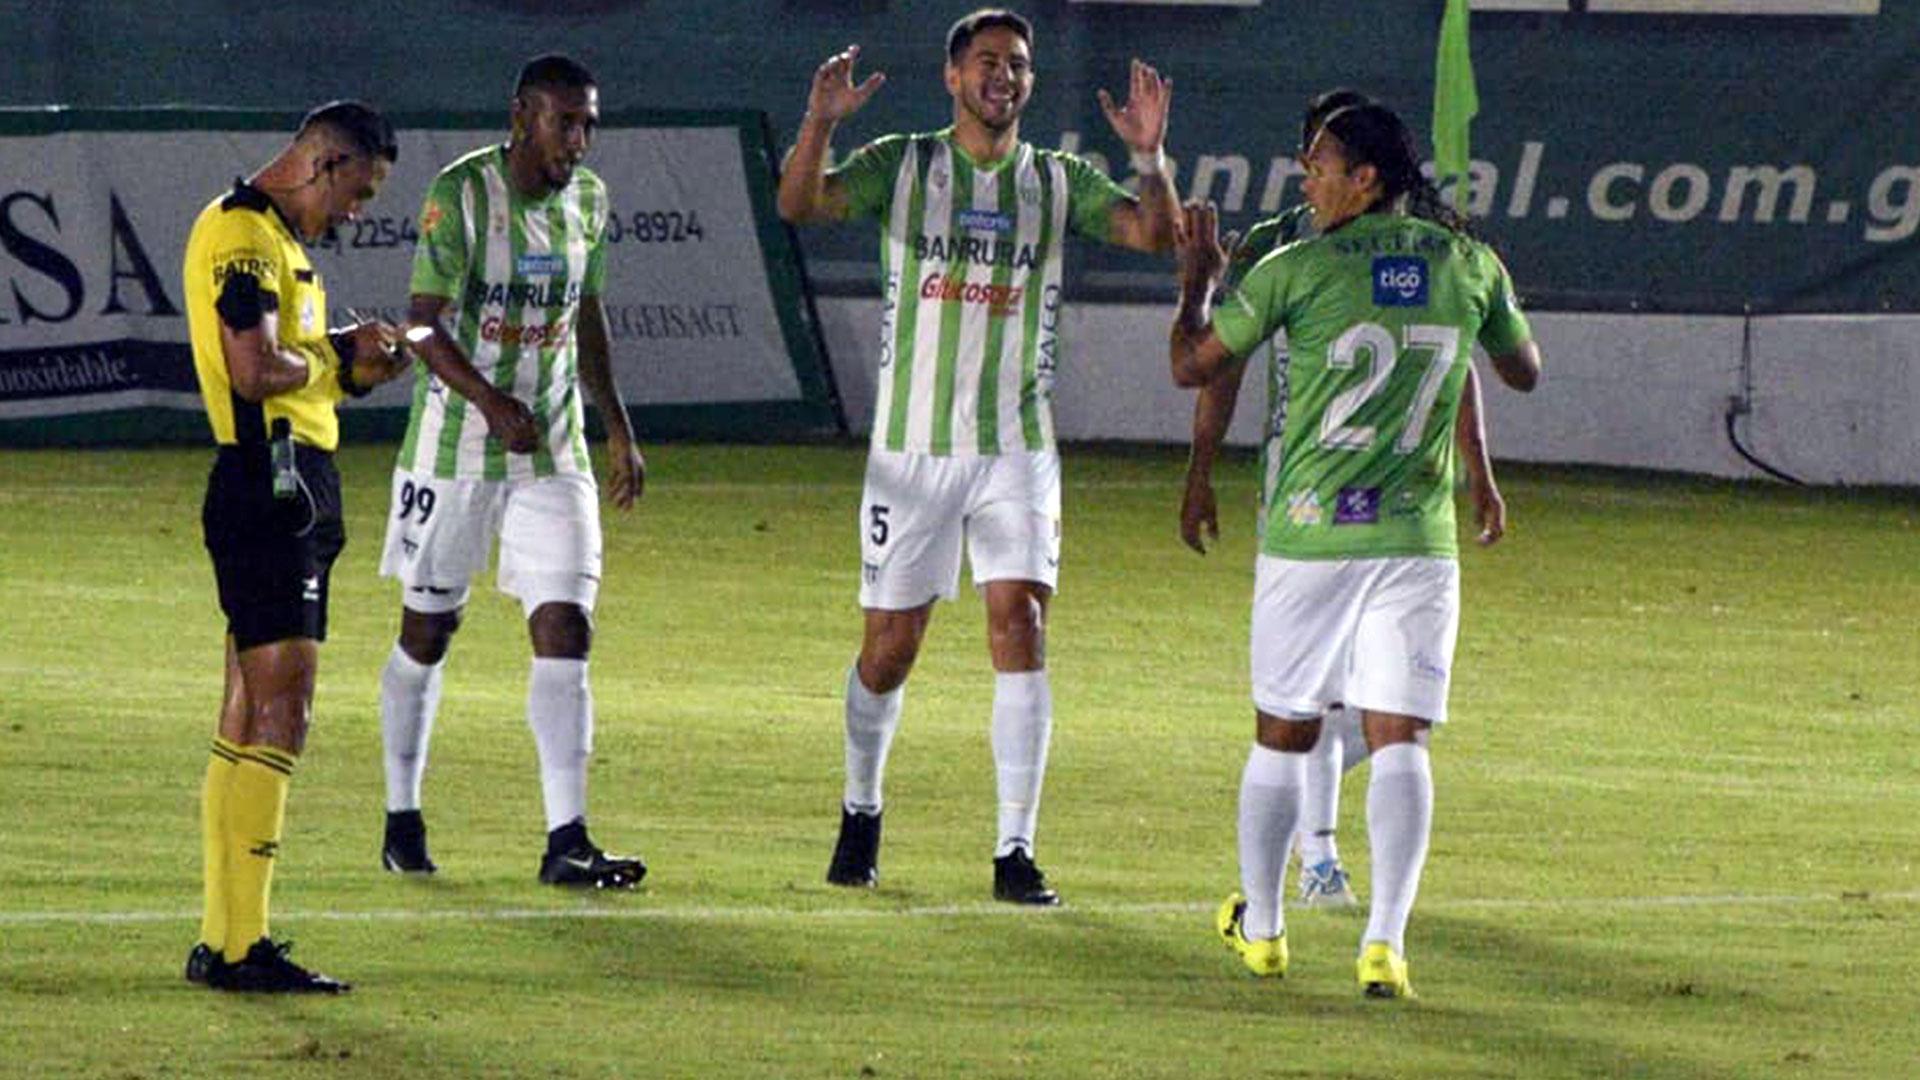 Líder Antigua ganó al vencer 4-0 a Sololá y es el único líder del Apertura 2021 - Prensa Libre